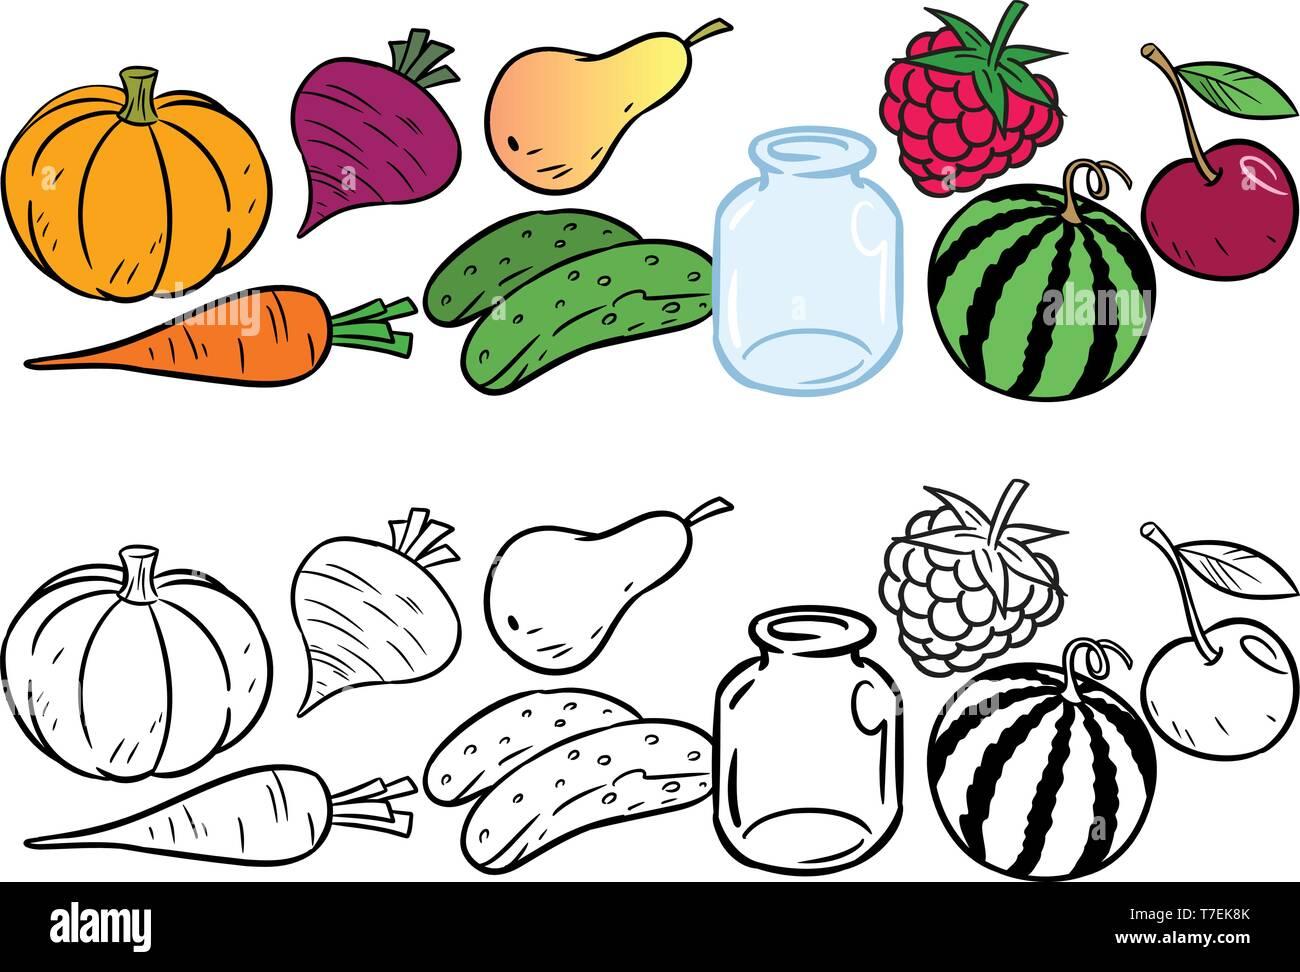 Fruits Vegetables Coloring Book Imágenes De Stock Fruits